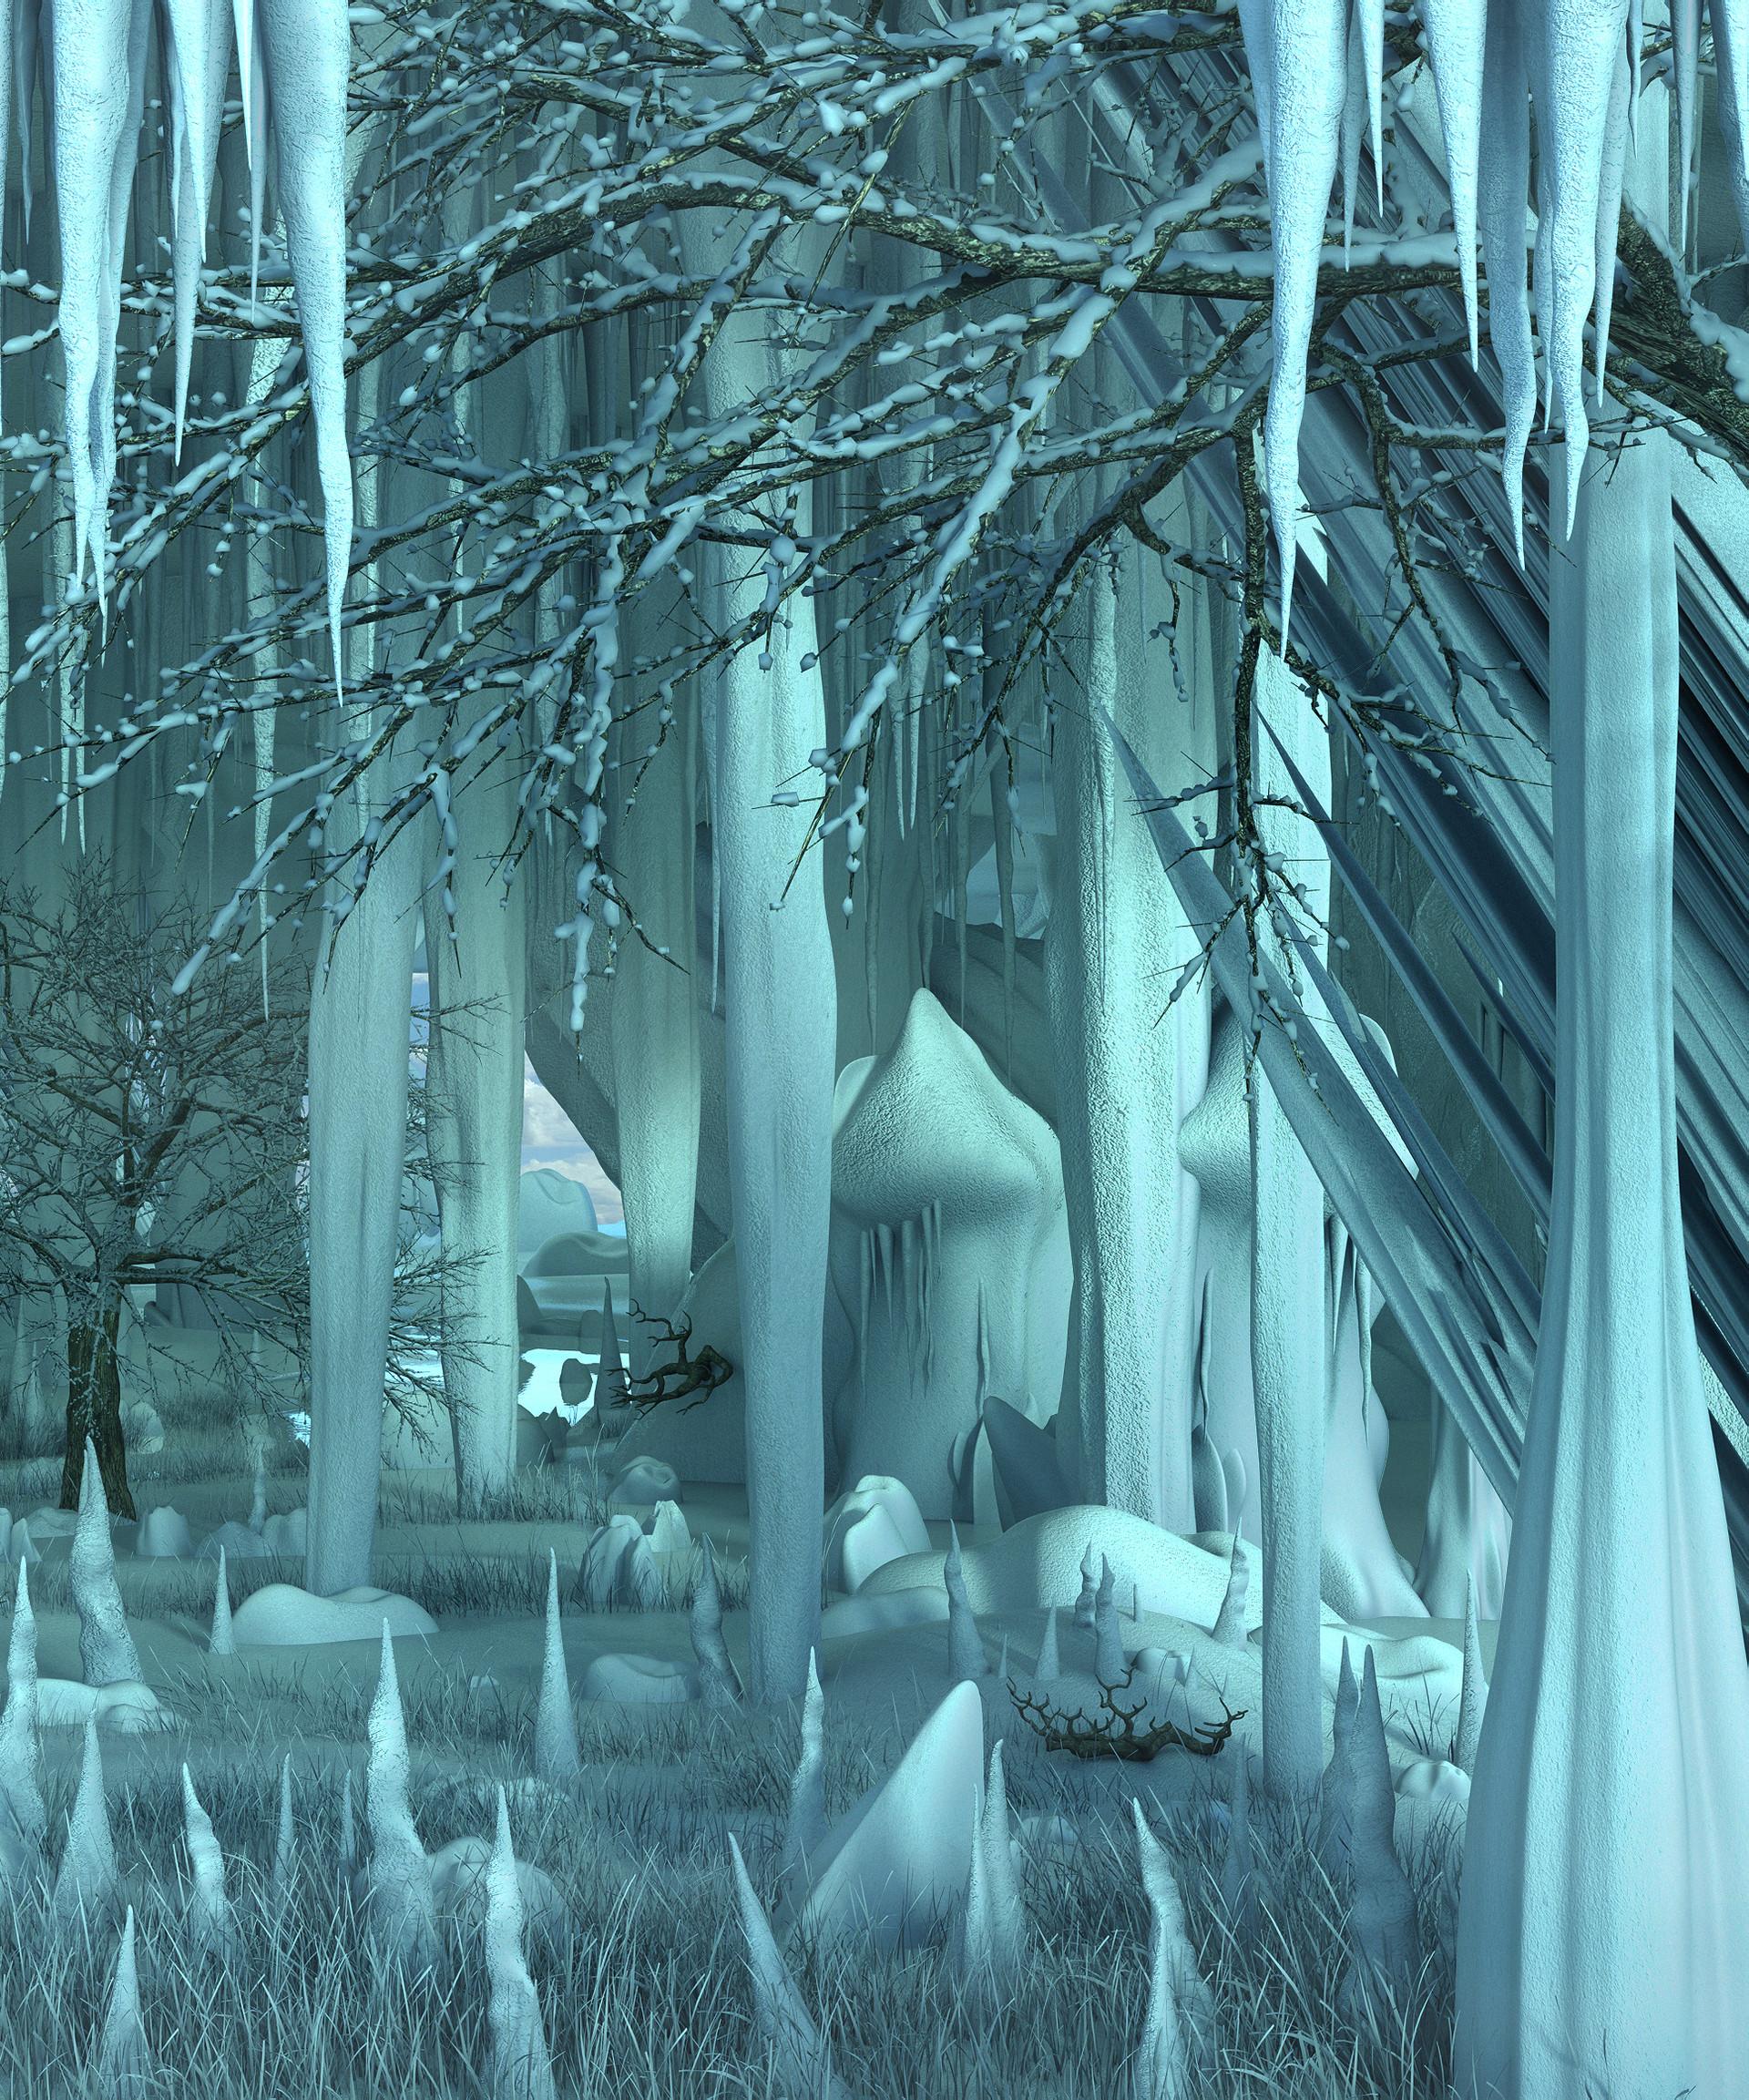 Marc mons snowcave7